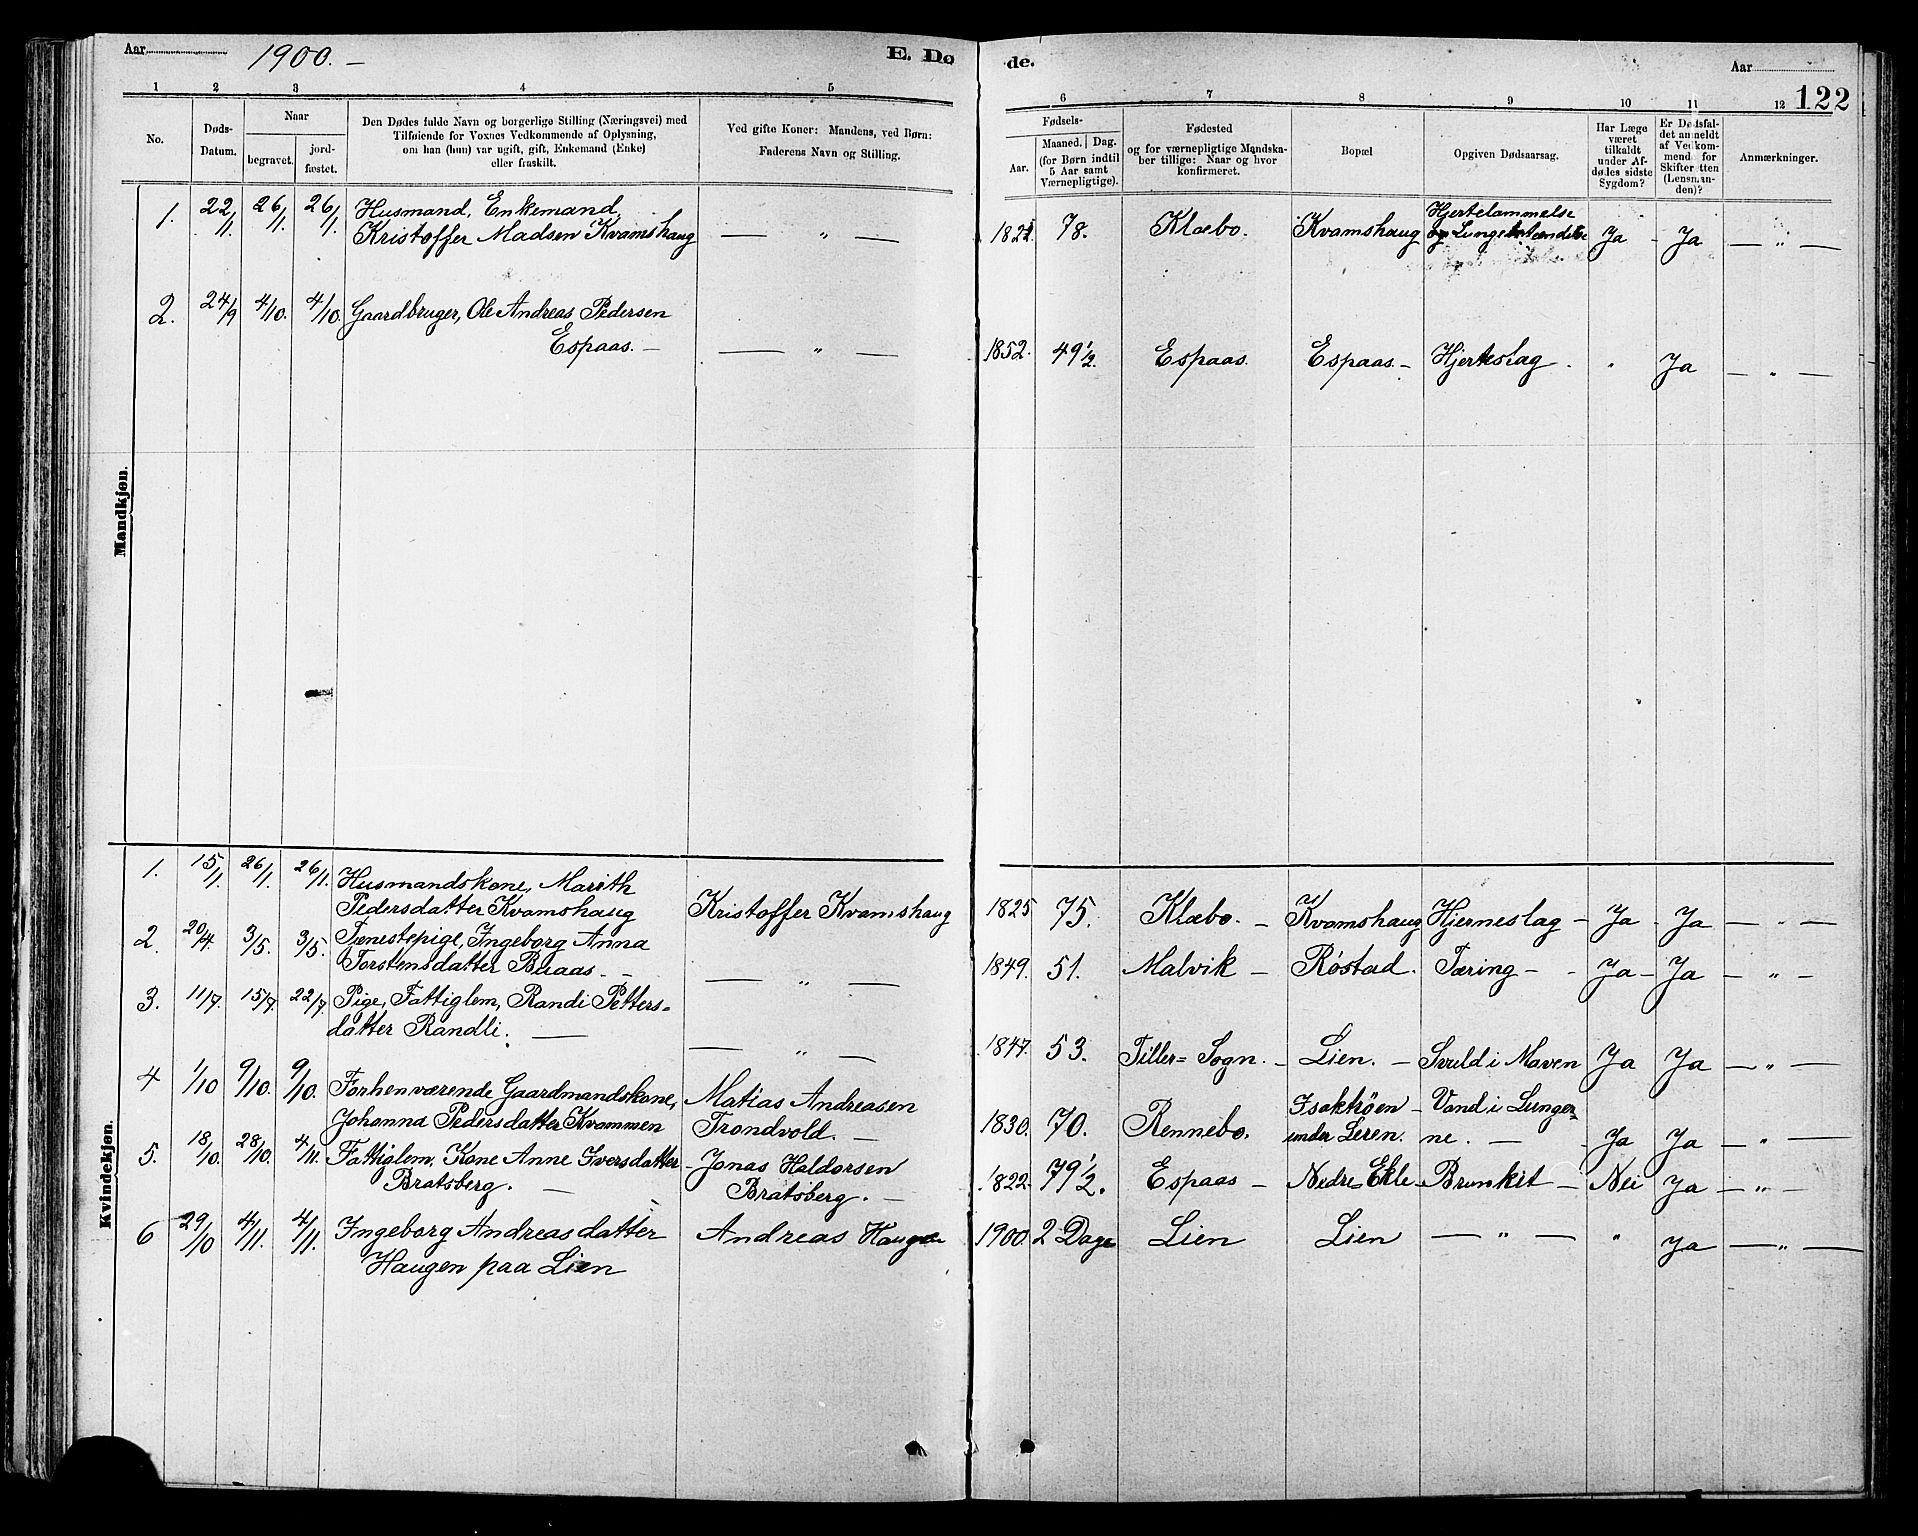 SAT, Ministerialprotokoller, klokkerbøker og fødselsregistre - Sør-Trøndelag, 608/L0341: Klokkerbok nr. 608C07, 1890-1912, s. 122